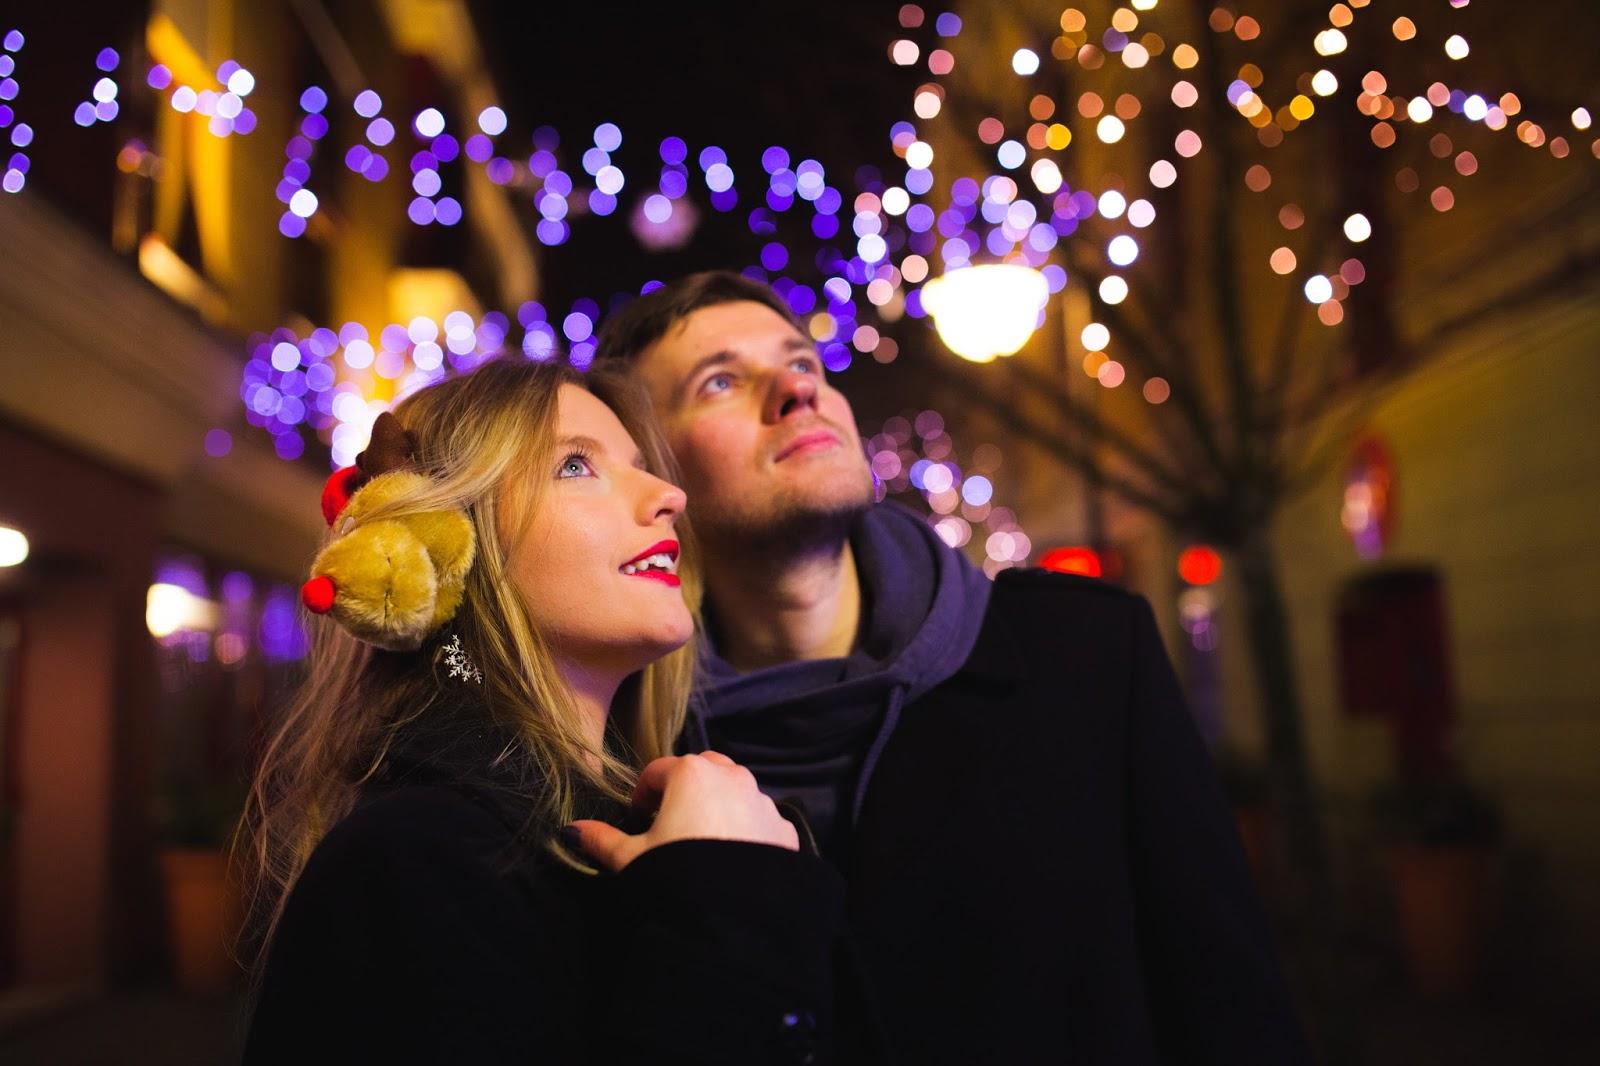 15 jakub0107 fotograf fotografia świąteczne sesje zdjęciowe melodylaniella zima christmas photography blog lifestyle